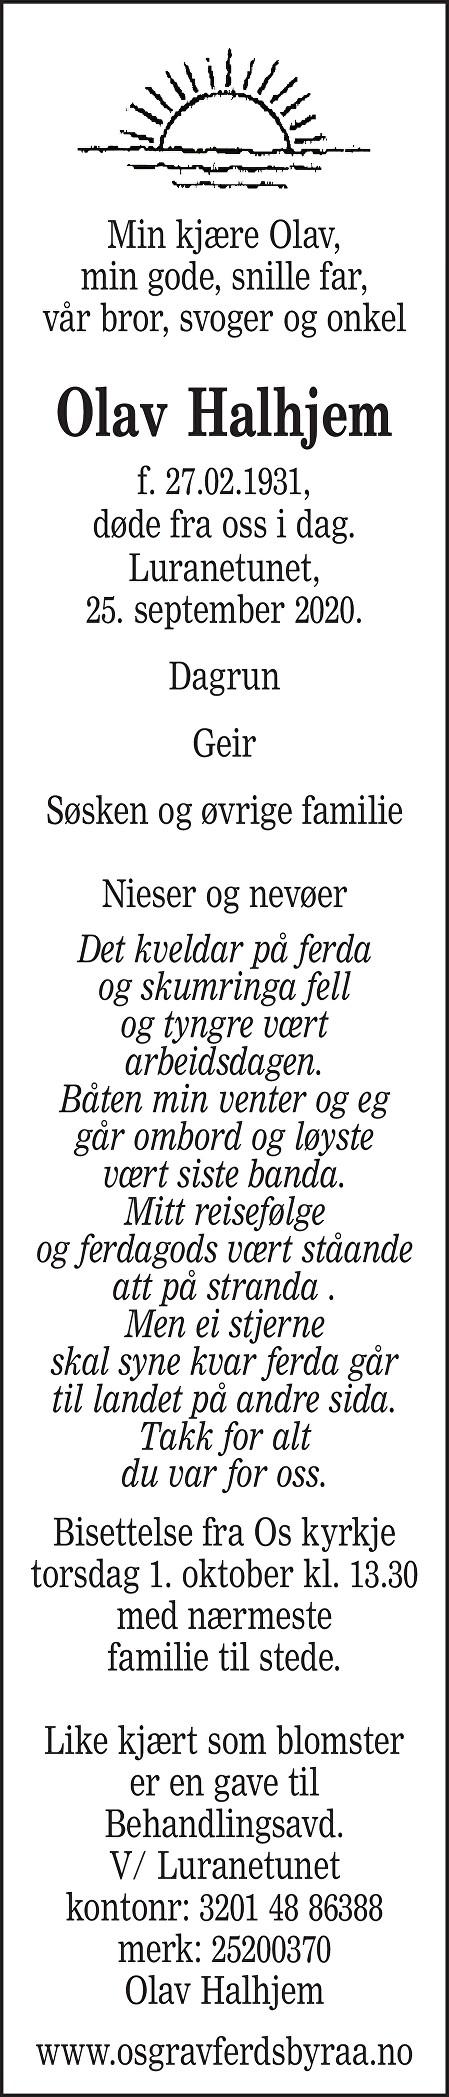 Olav Halhjem Dødsannonse